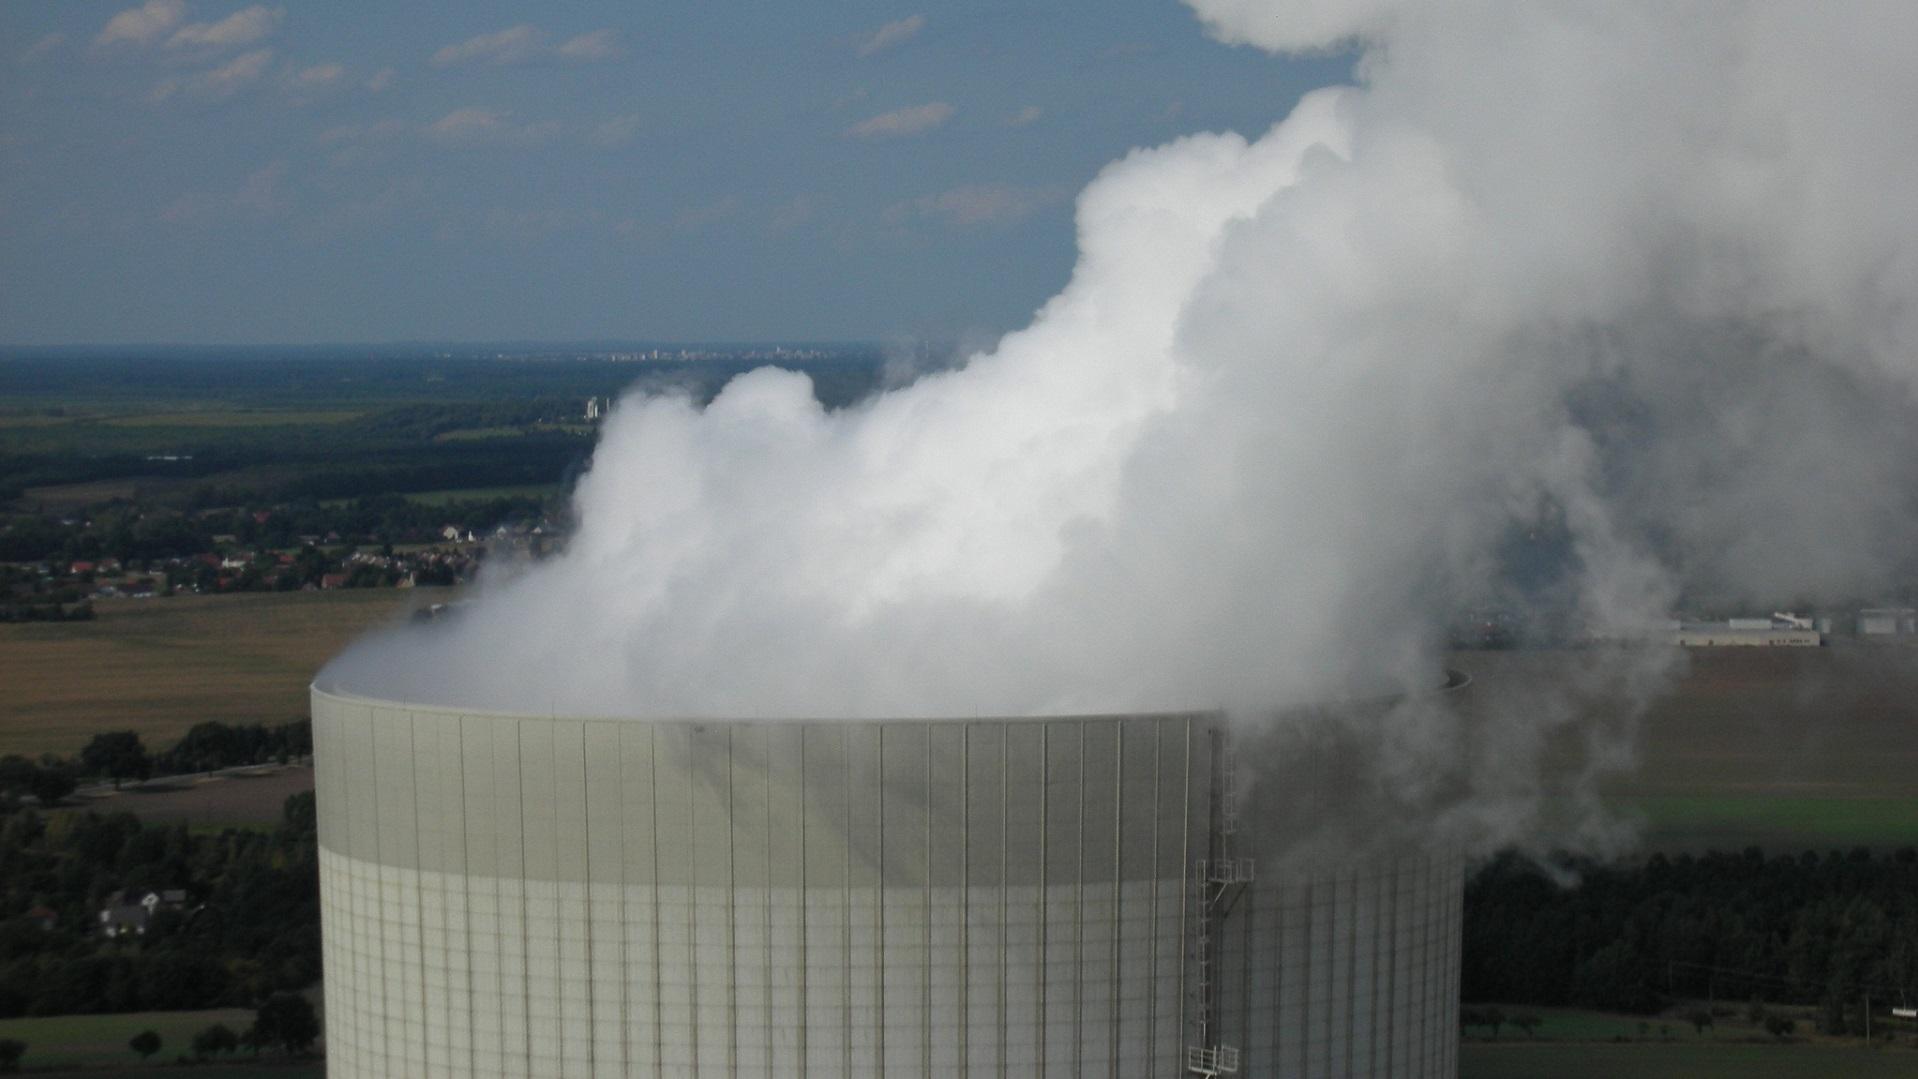 Francia cerrará sus centrales térmicas de carbón en 2021